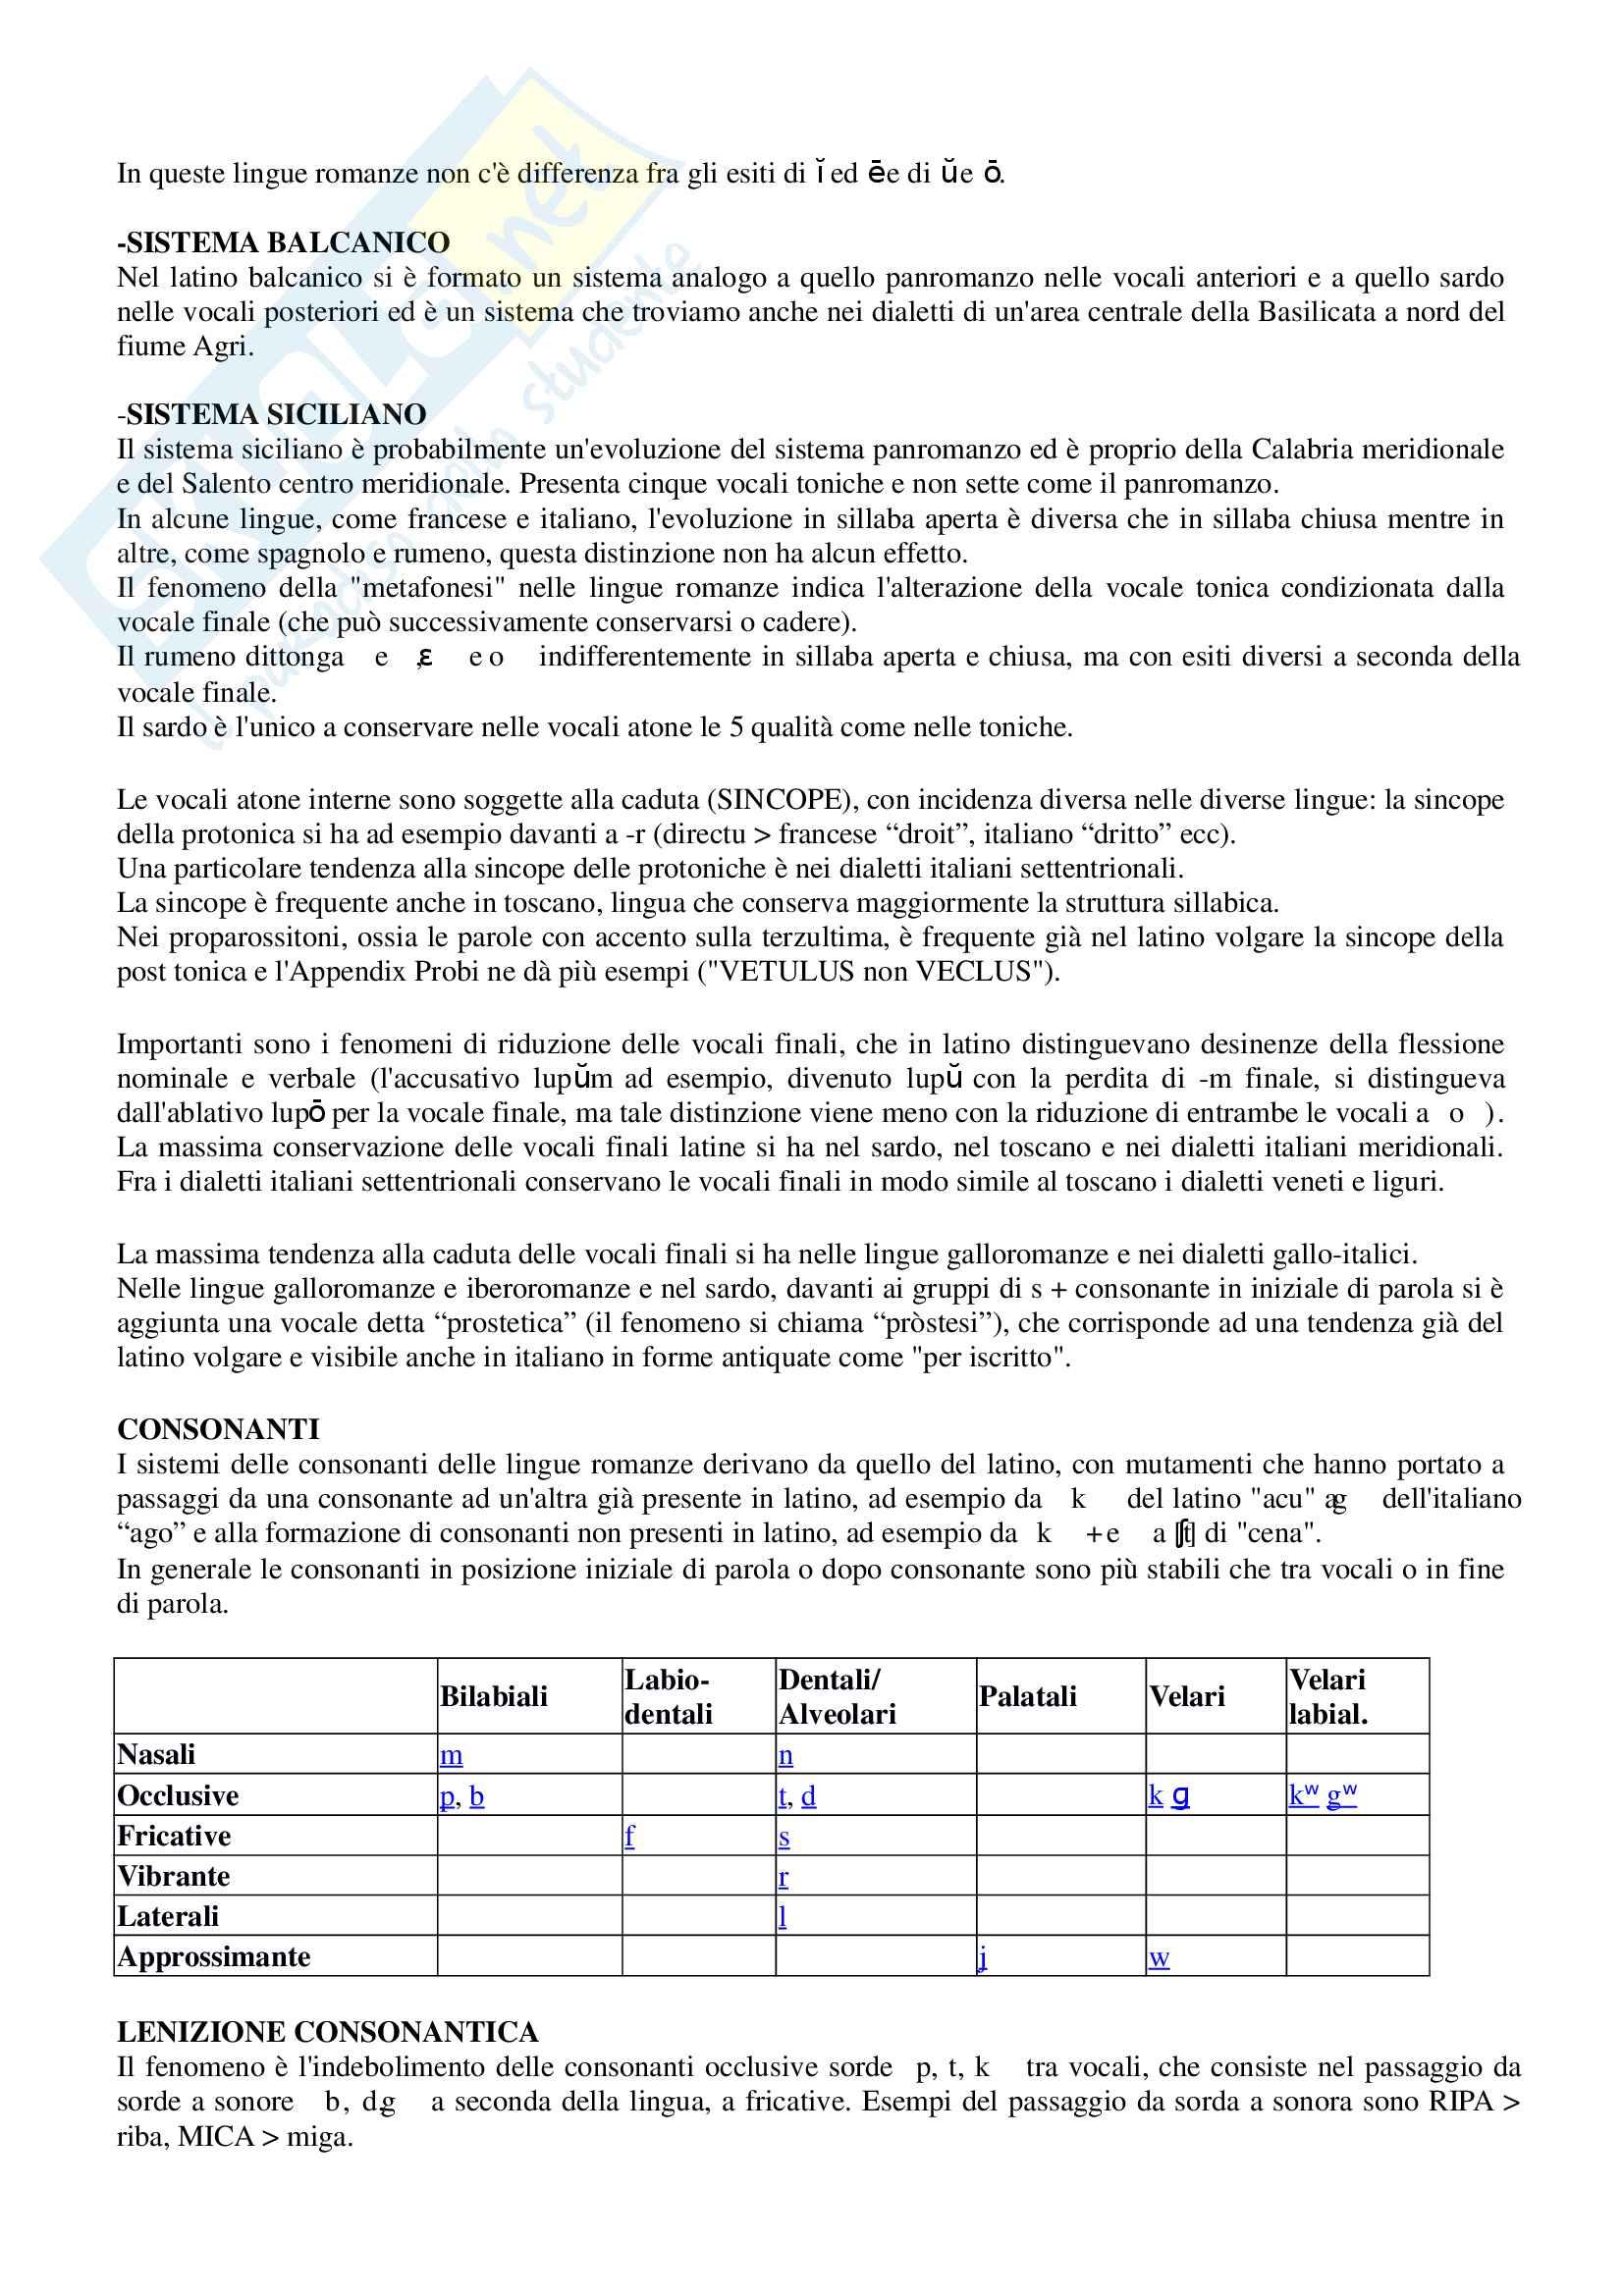 Riassunto per esame Filologia romanza, prof Paradisi, libro consigliato: La filologia romanza, Beltrami, 2017 Pag. 26